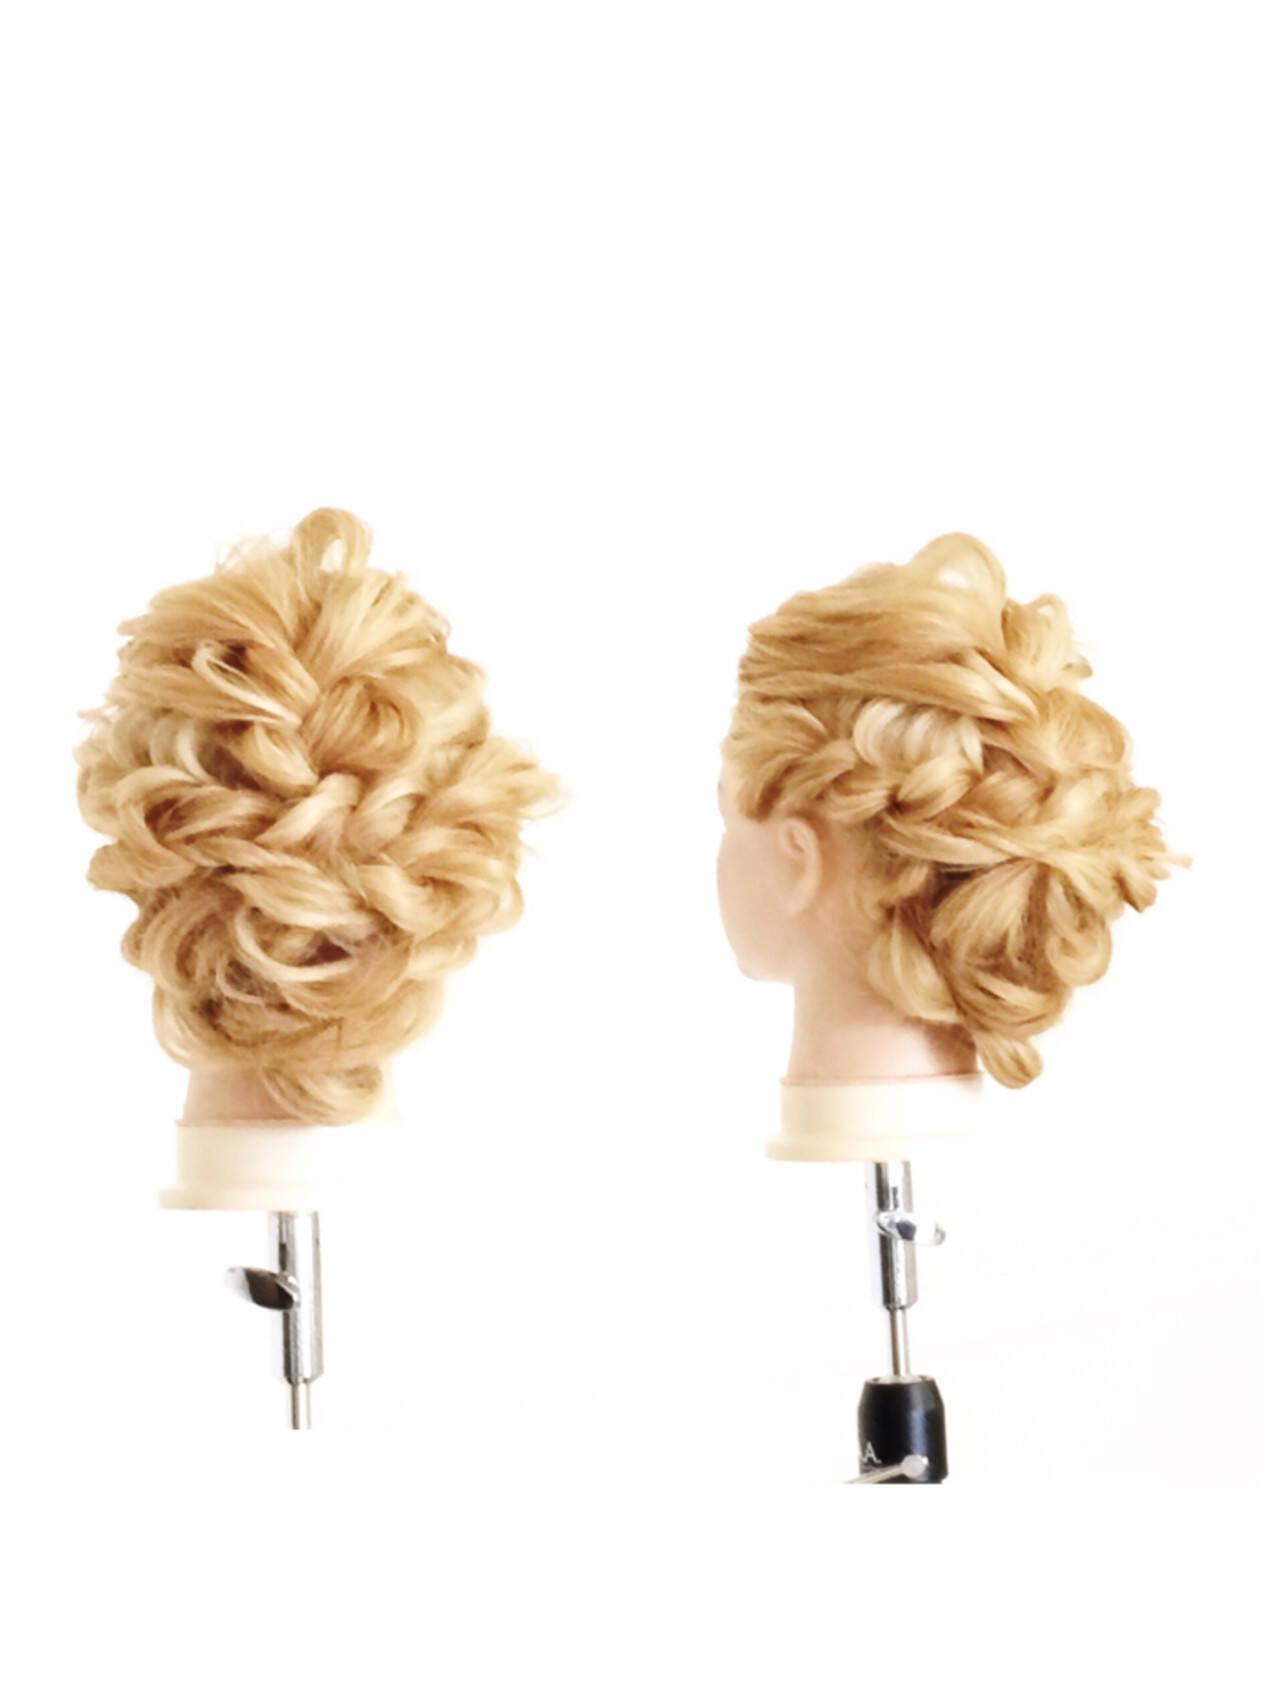 外国人風 くせ毛風 ヘアアレンジ 簡単ヘアアレンジヘアスタイルや髪型の写真・画像